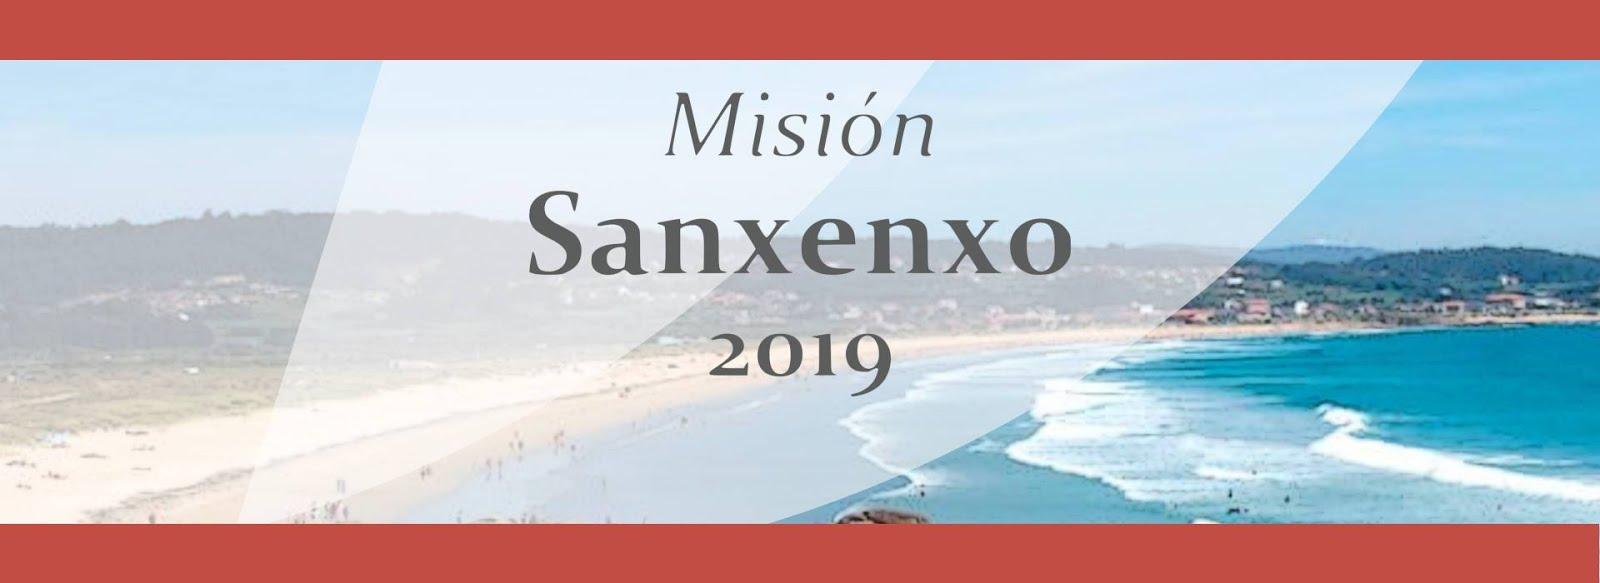 MISIÓN SANXENXO. 4-11 AGOSTO 2019